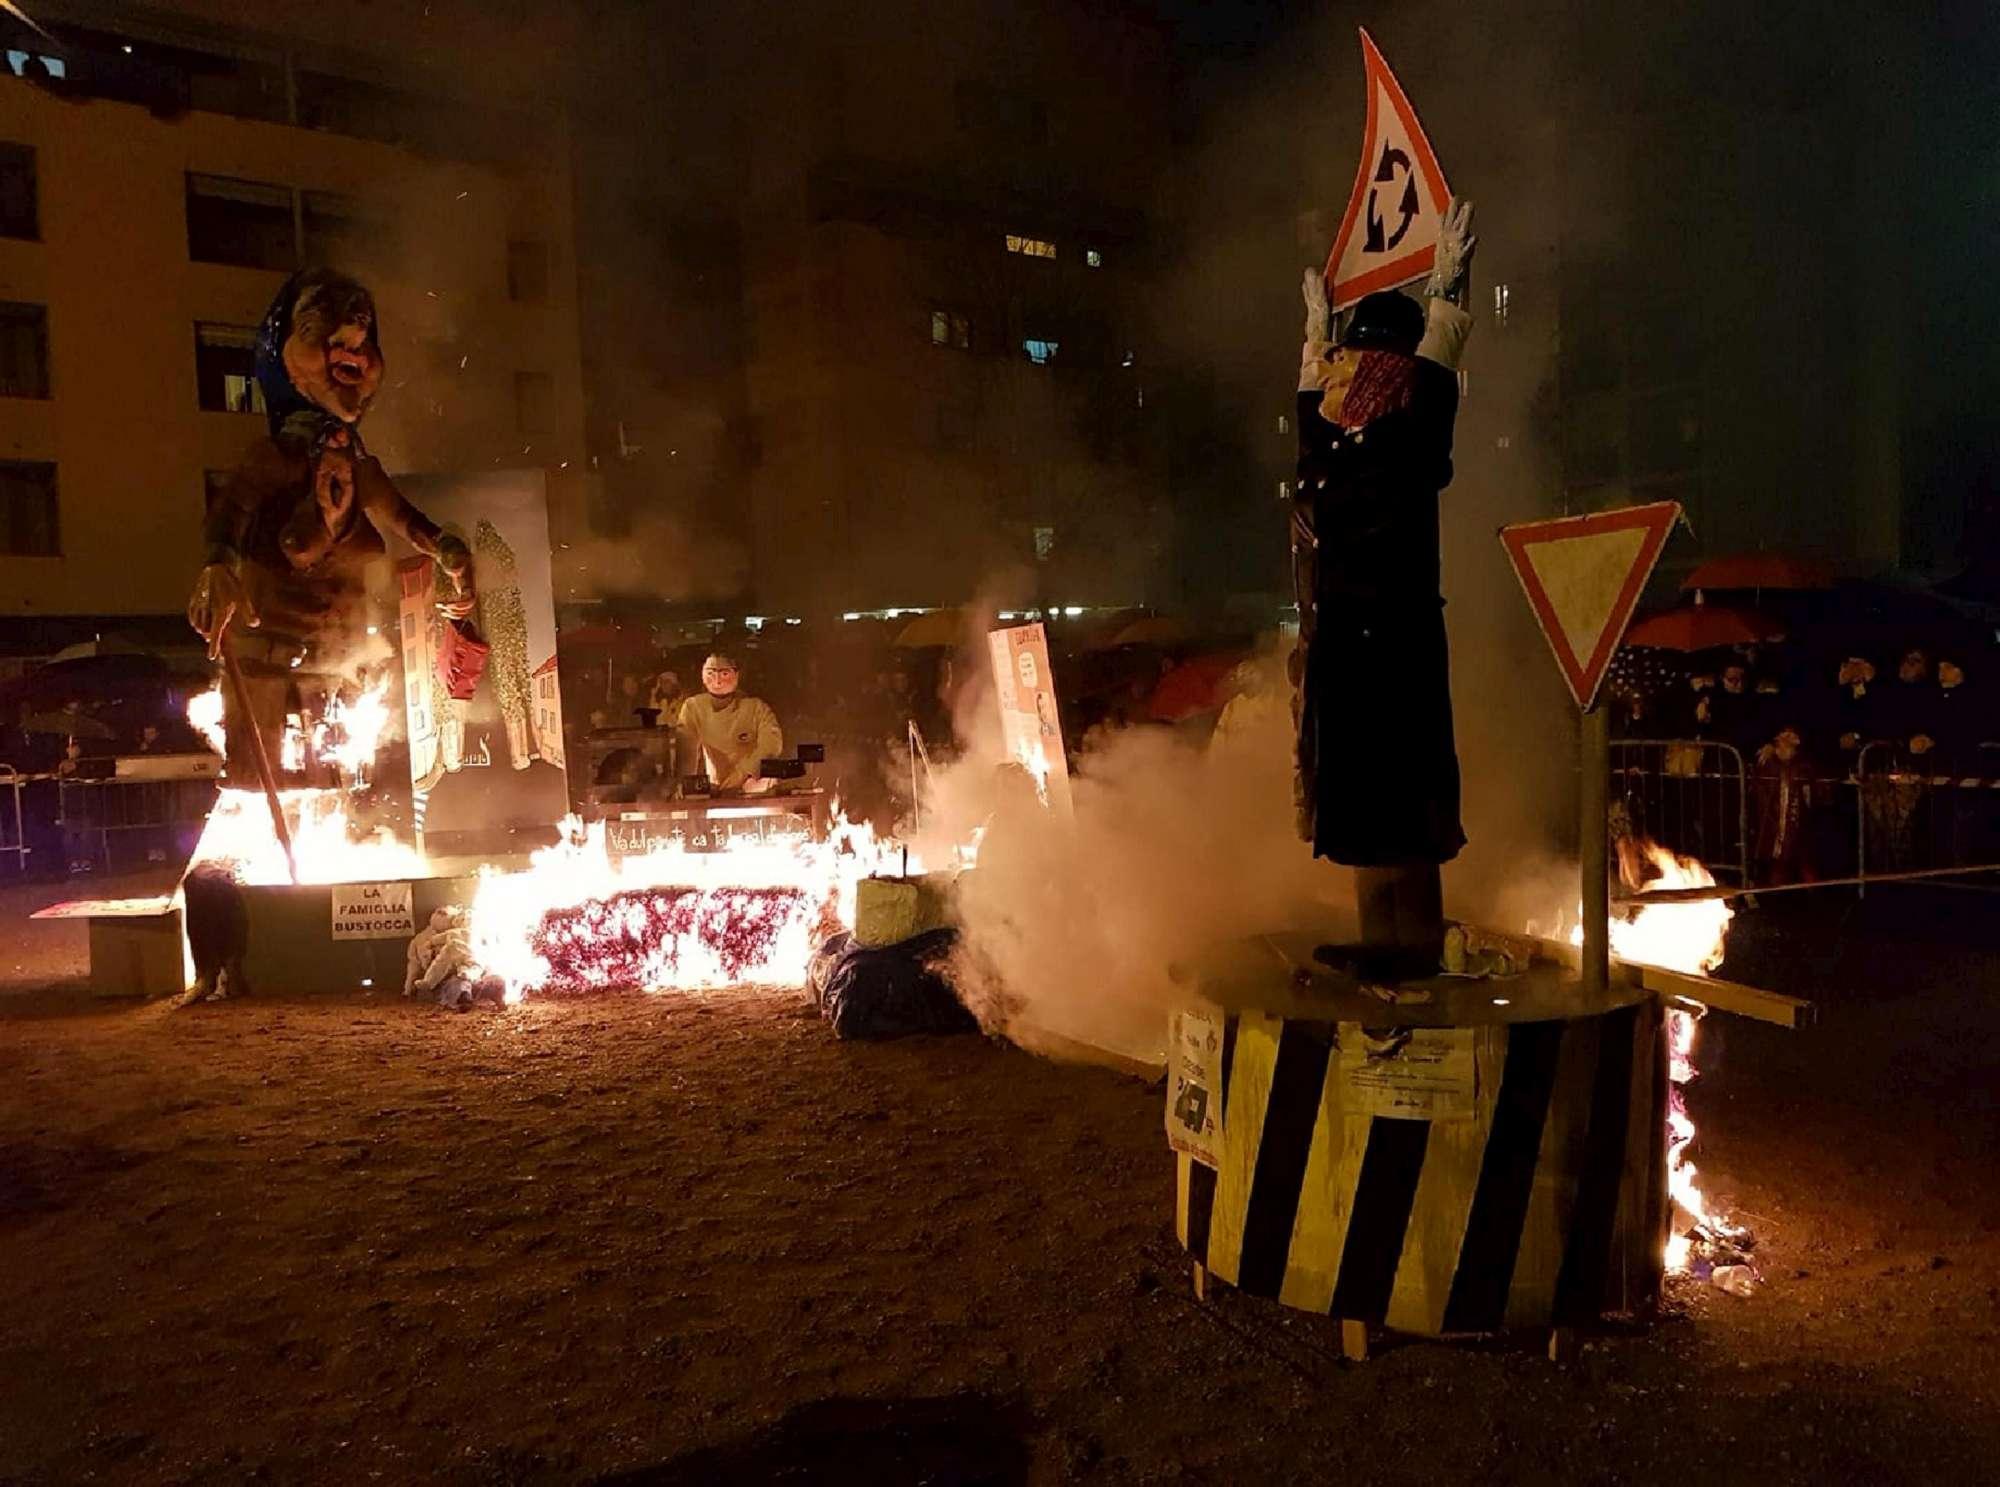 Busto Arsizio, fantoccio Laura Boldrini bruciato in piazza